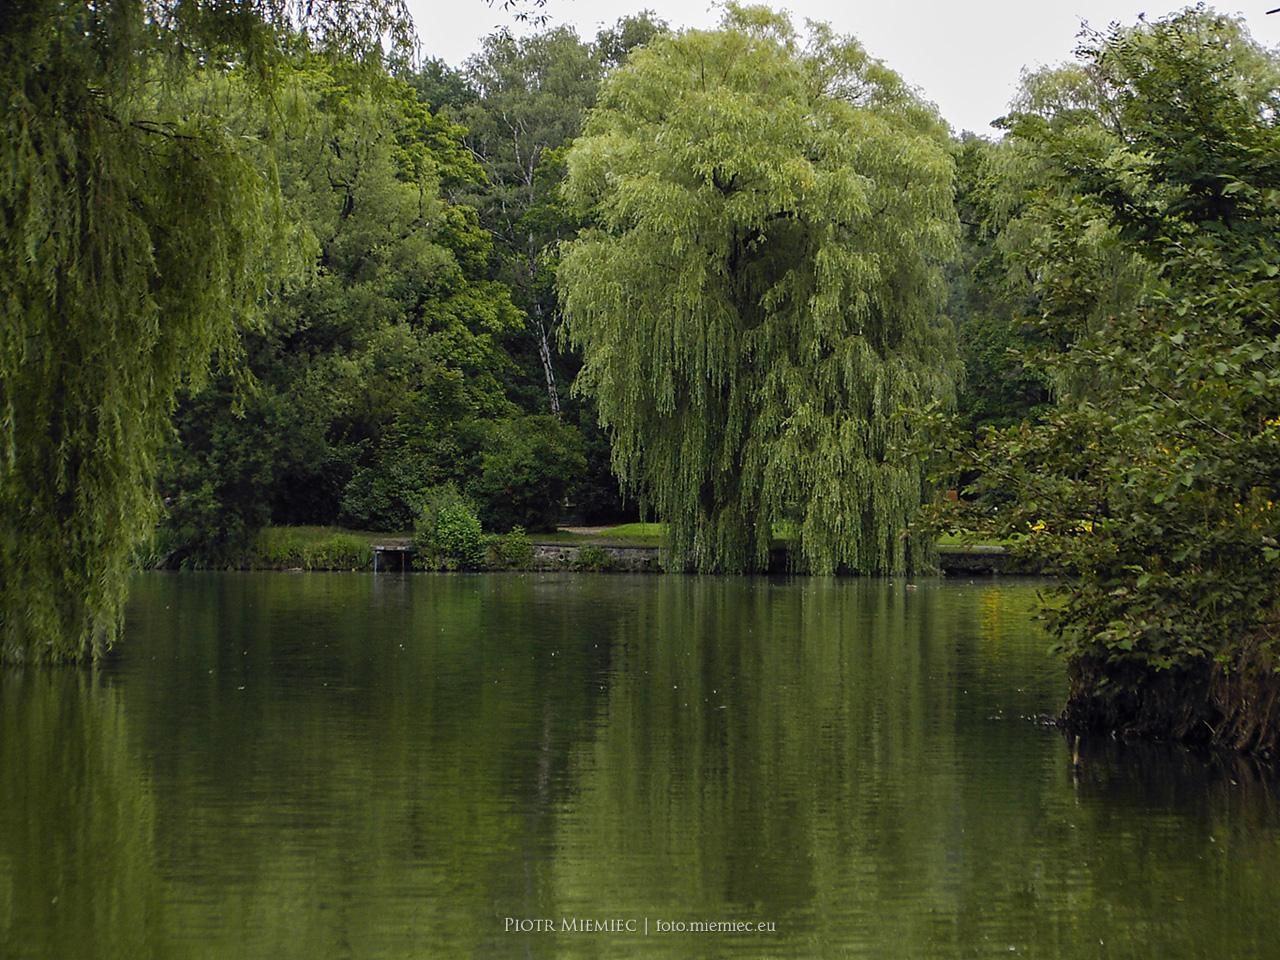 Wojewódzki Park Kultury i Wypoczynku